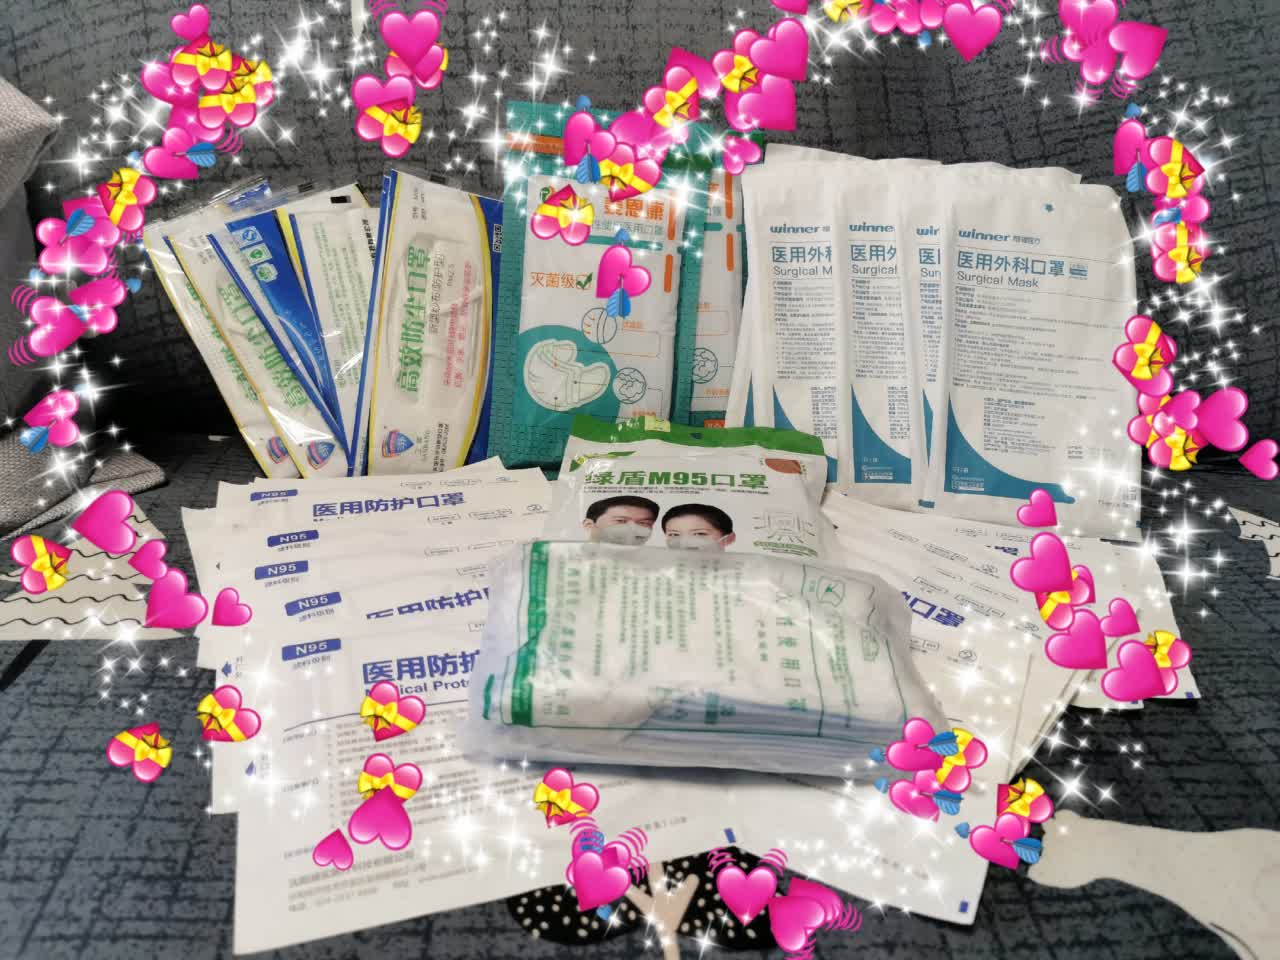 深圳湯小姐收到的男友的情人節禮物:口罩(受訪者供圖)